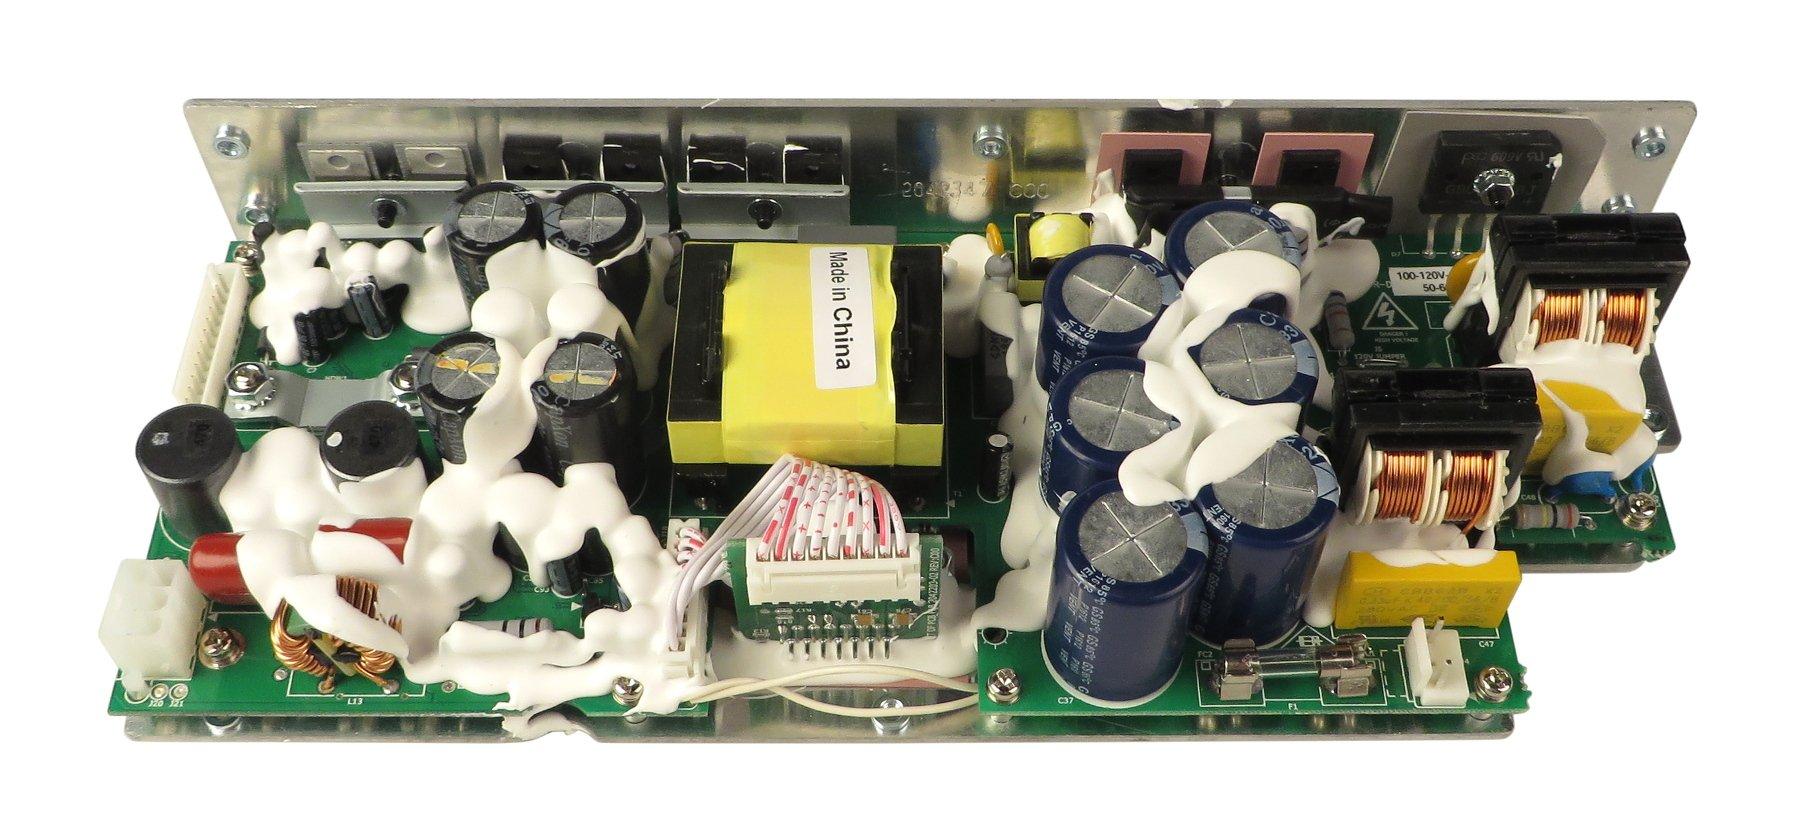 Amp/Power Supply PCB for SRM450V3